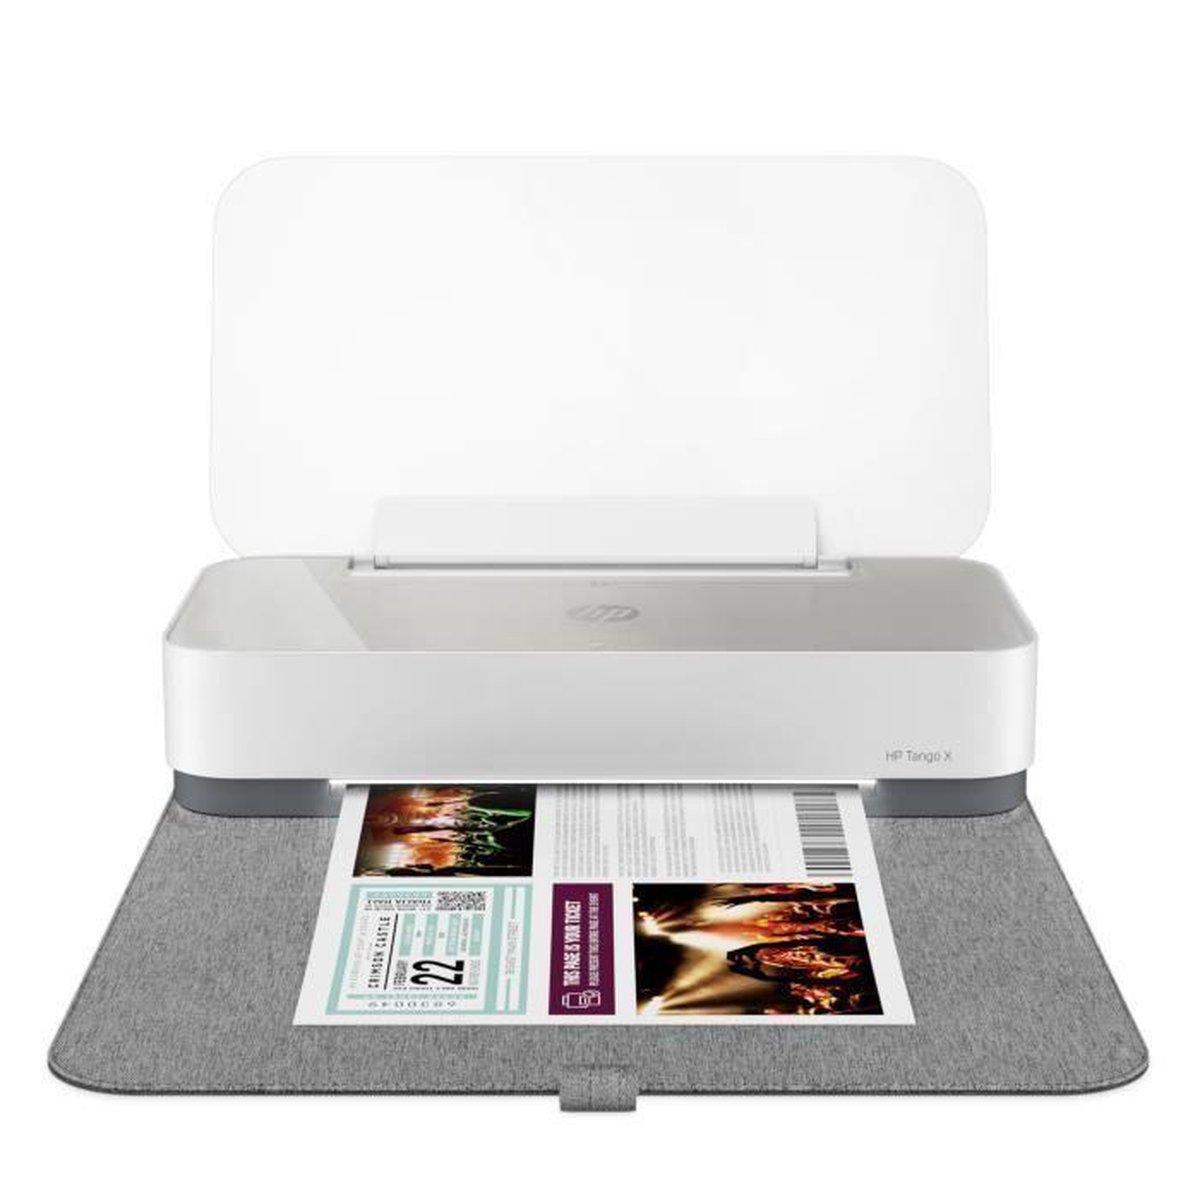 Bol Com Hp Tango X Smart Home Printer